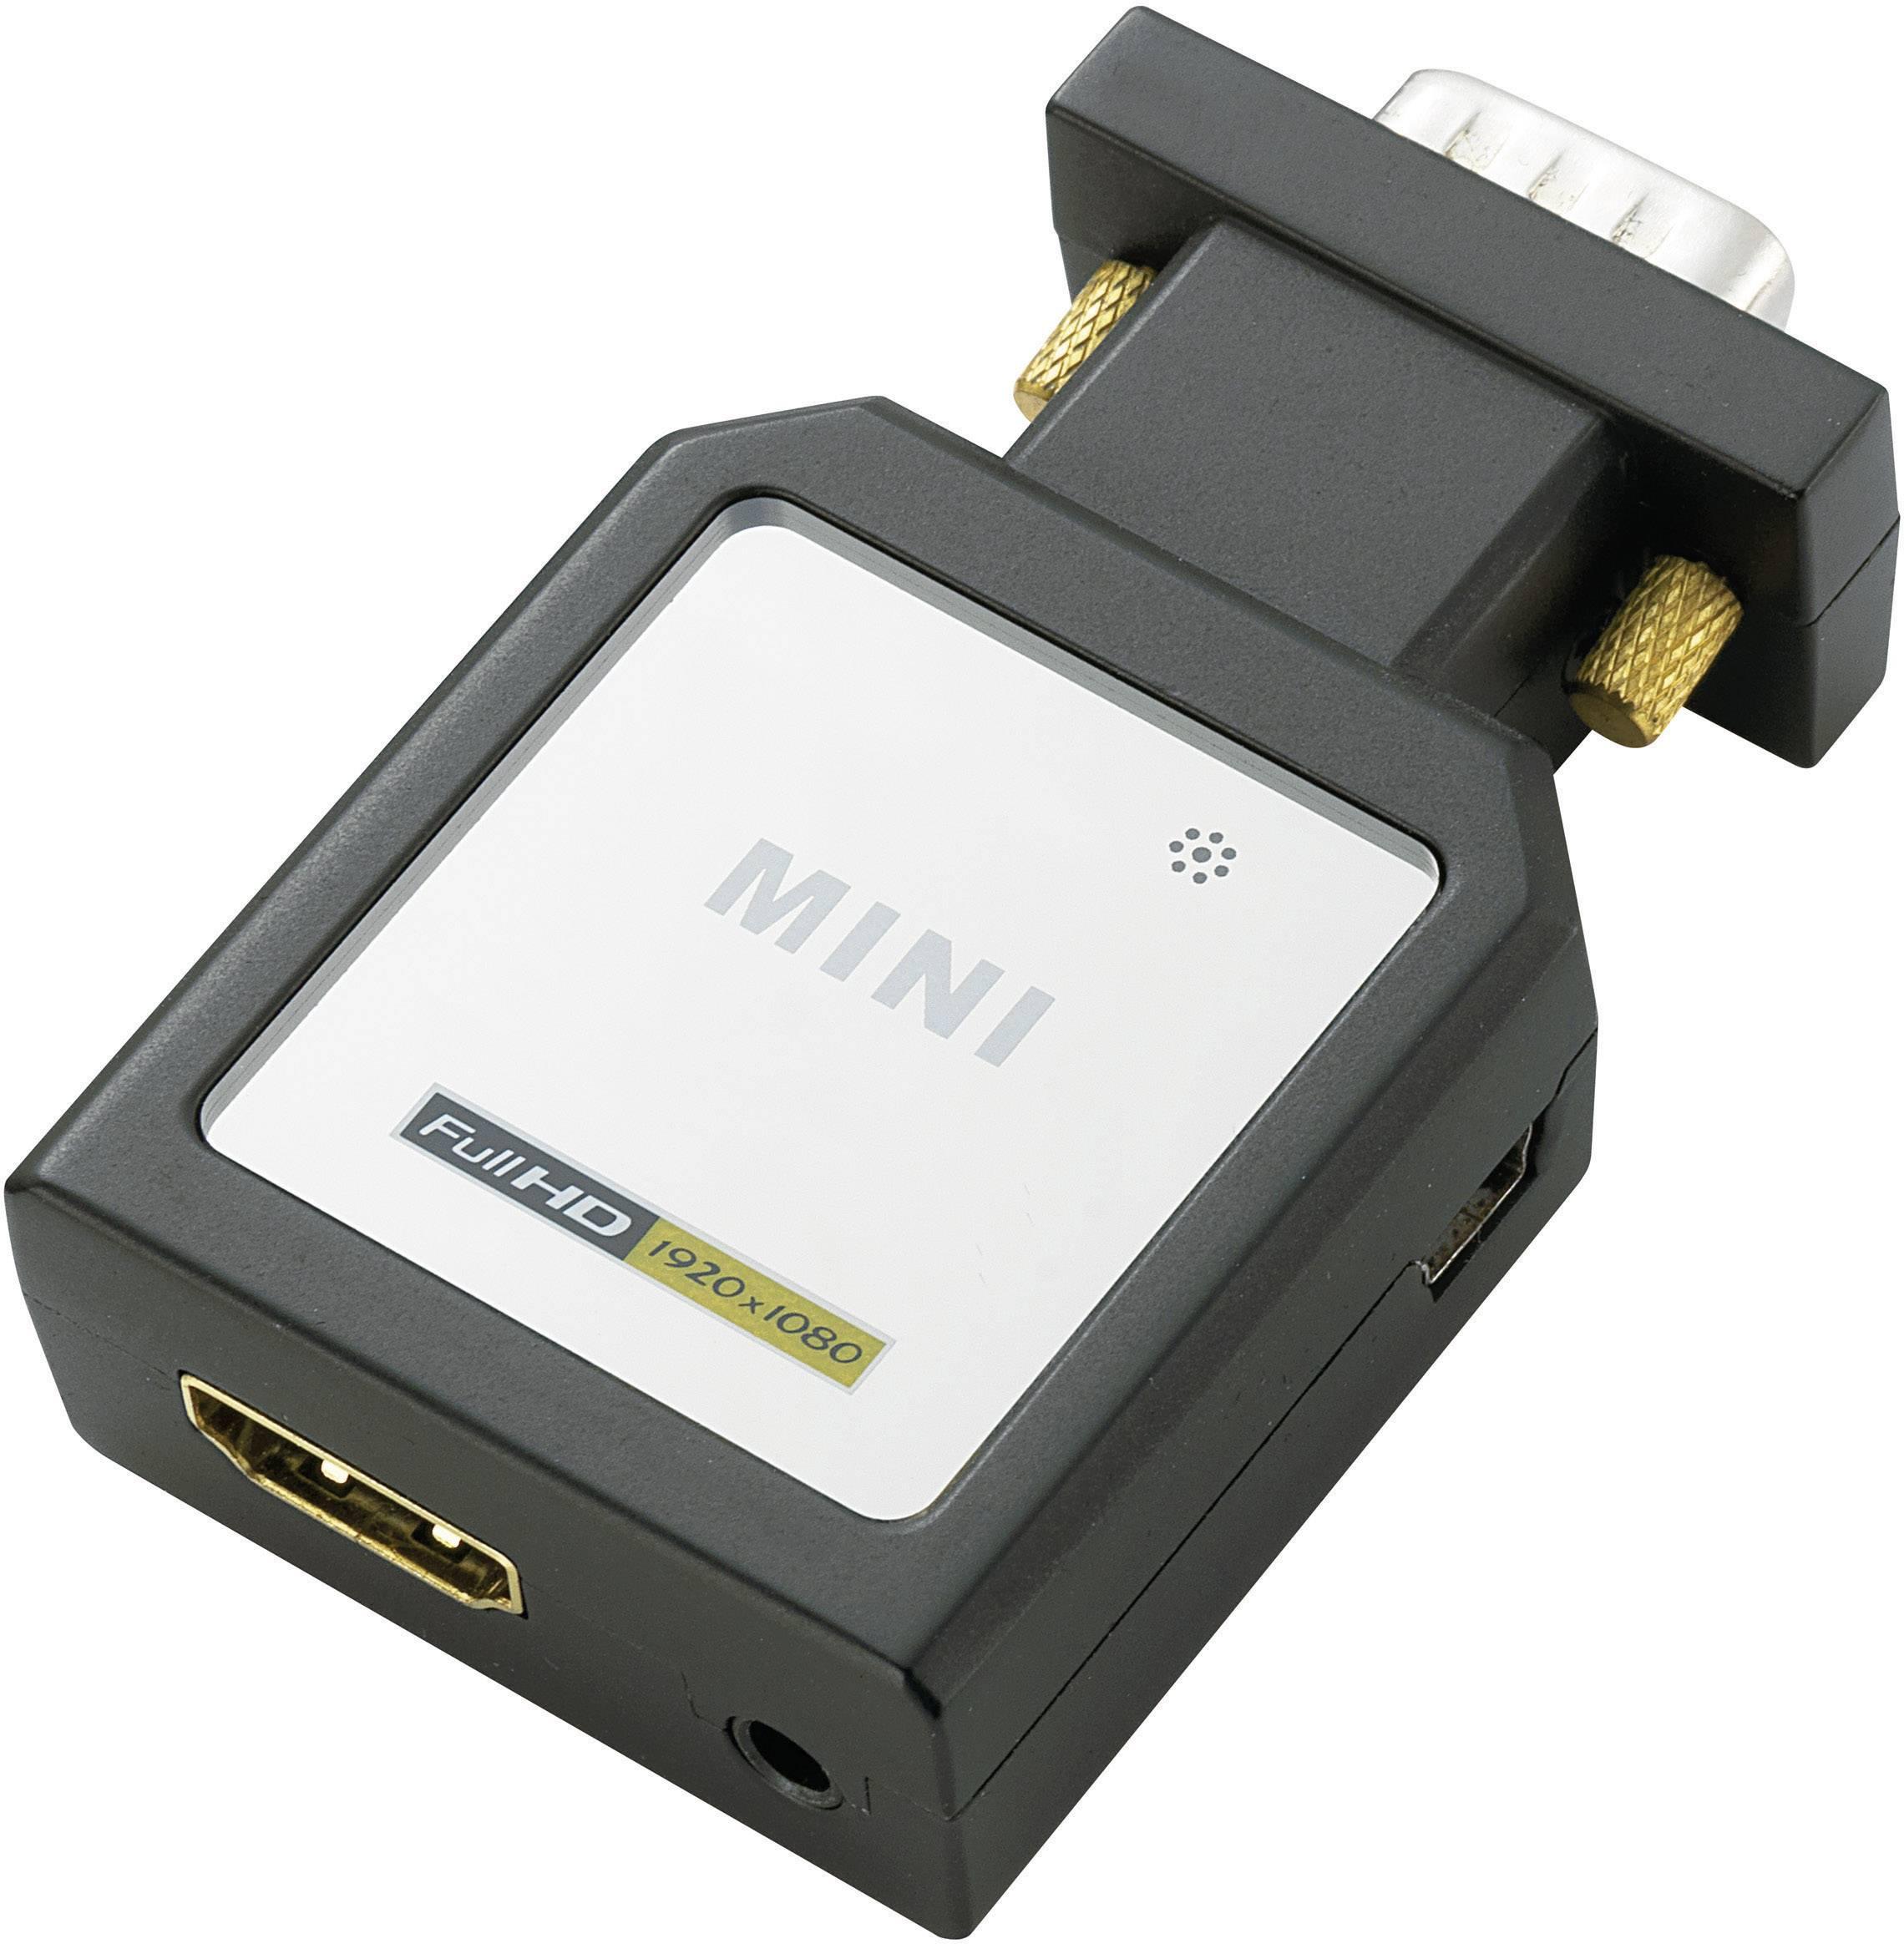 AV adaptér HDMI zásuvka ⇒ VGA zástrčka, jack zásuvka 3,5 mm, Toslink zásuvka (ODT) SpeaKa Professional SP-HD/VGA-YUV SP-3957404